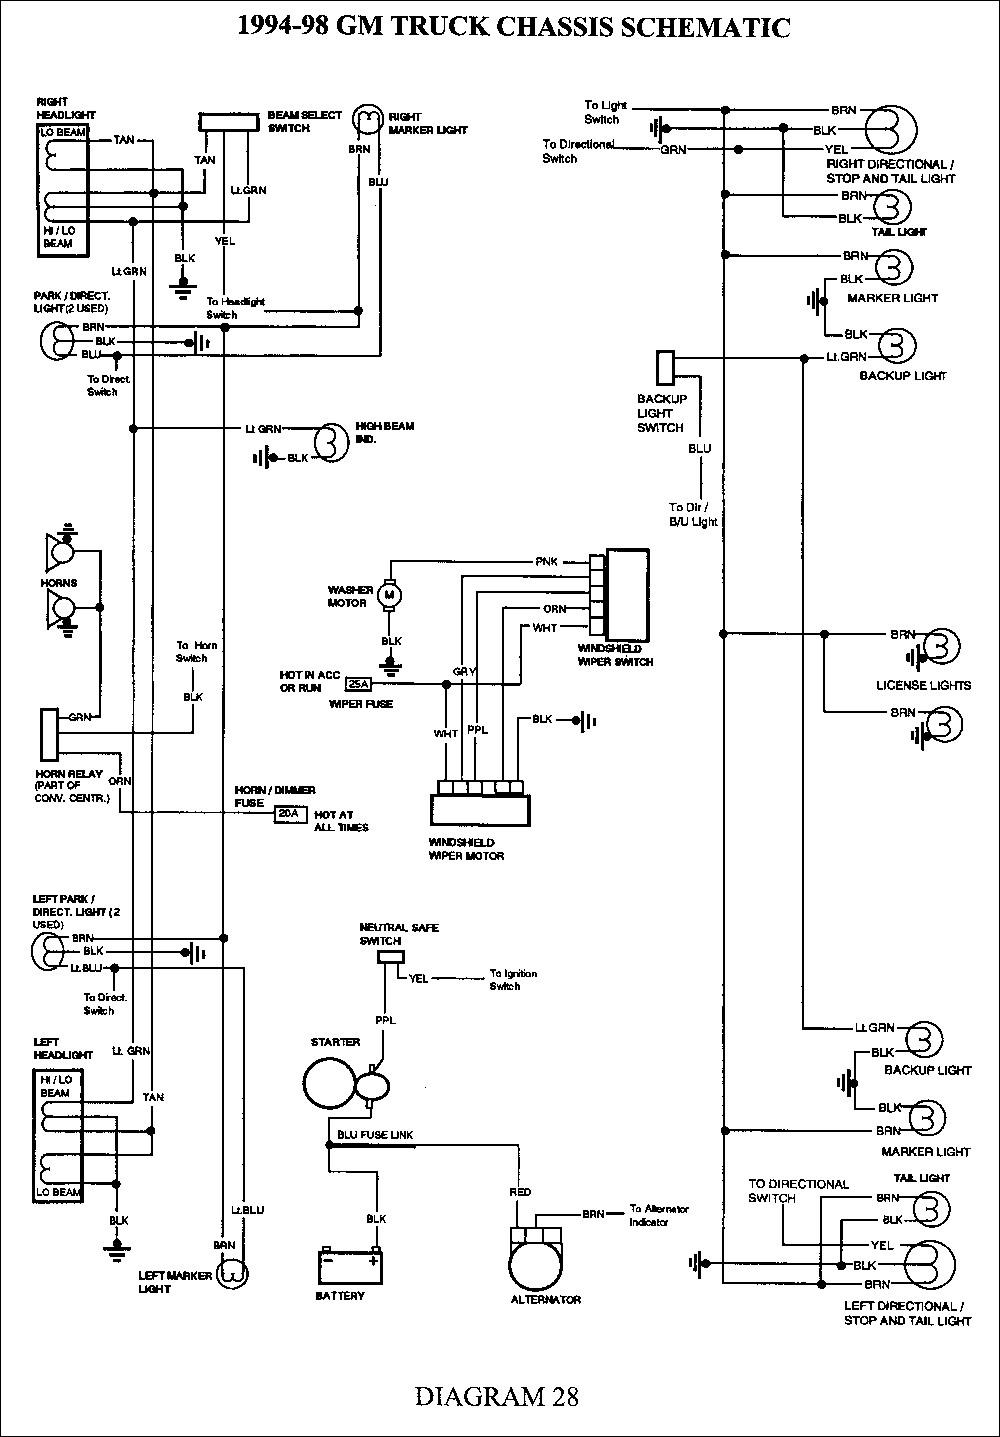 Isolation Module Wiring Diagram | Best Wiring Library - Fisher 4 Port Isolation Module Wiring Diagram